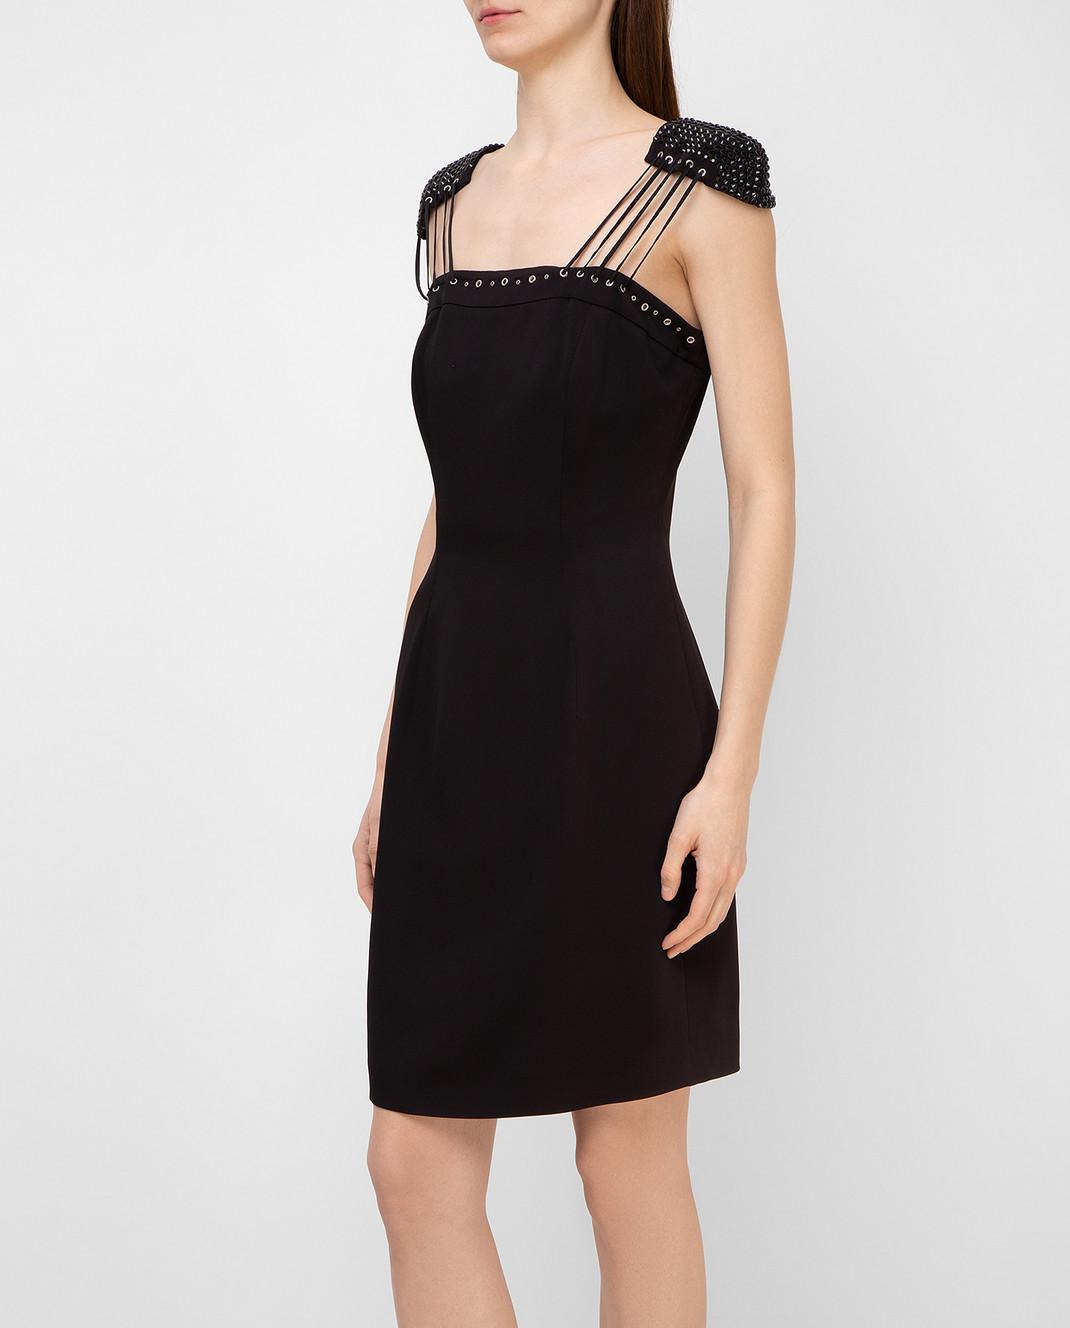 Philipp Plein Черное платье с кристаллами CWRG0060 изображение 3